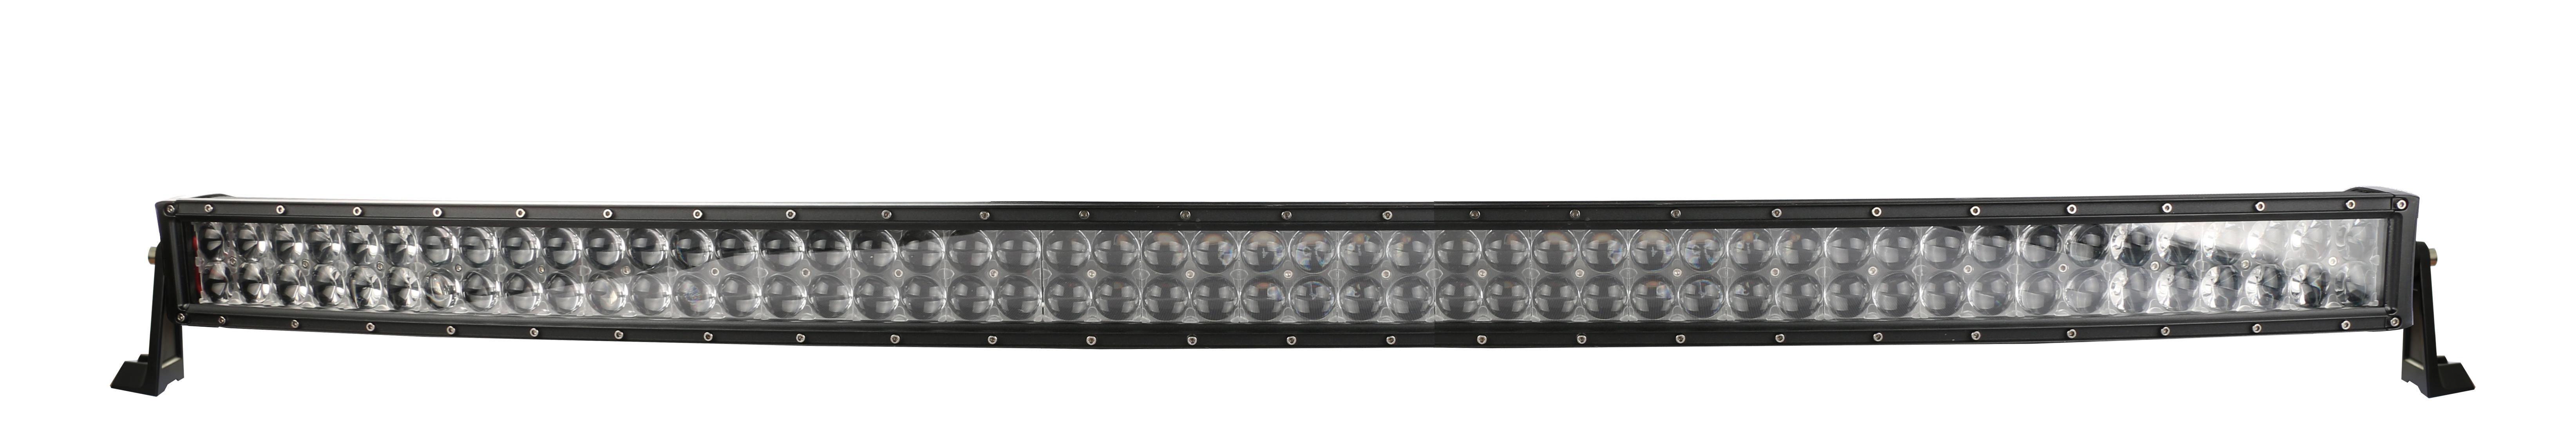 Curvo 288W 50 '' LED 96X3W pollici Light Bar luminosa 12V 24V camion dell'automobile 4x4 ATV Offroad Driving SUV della nebbia della lampada